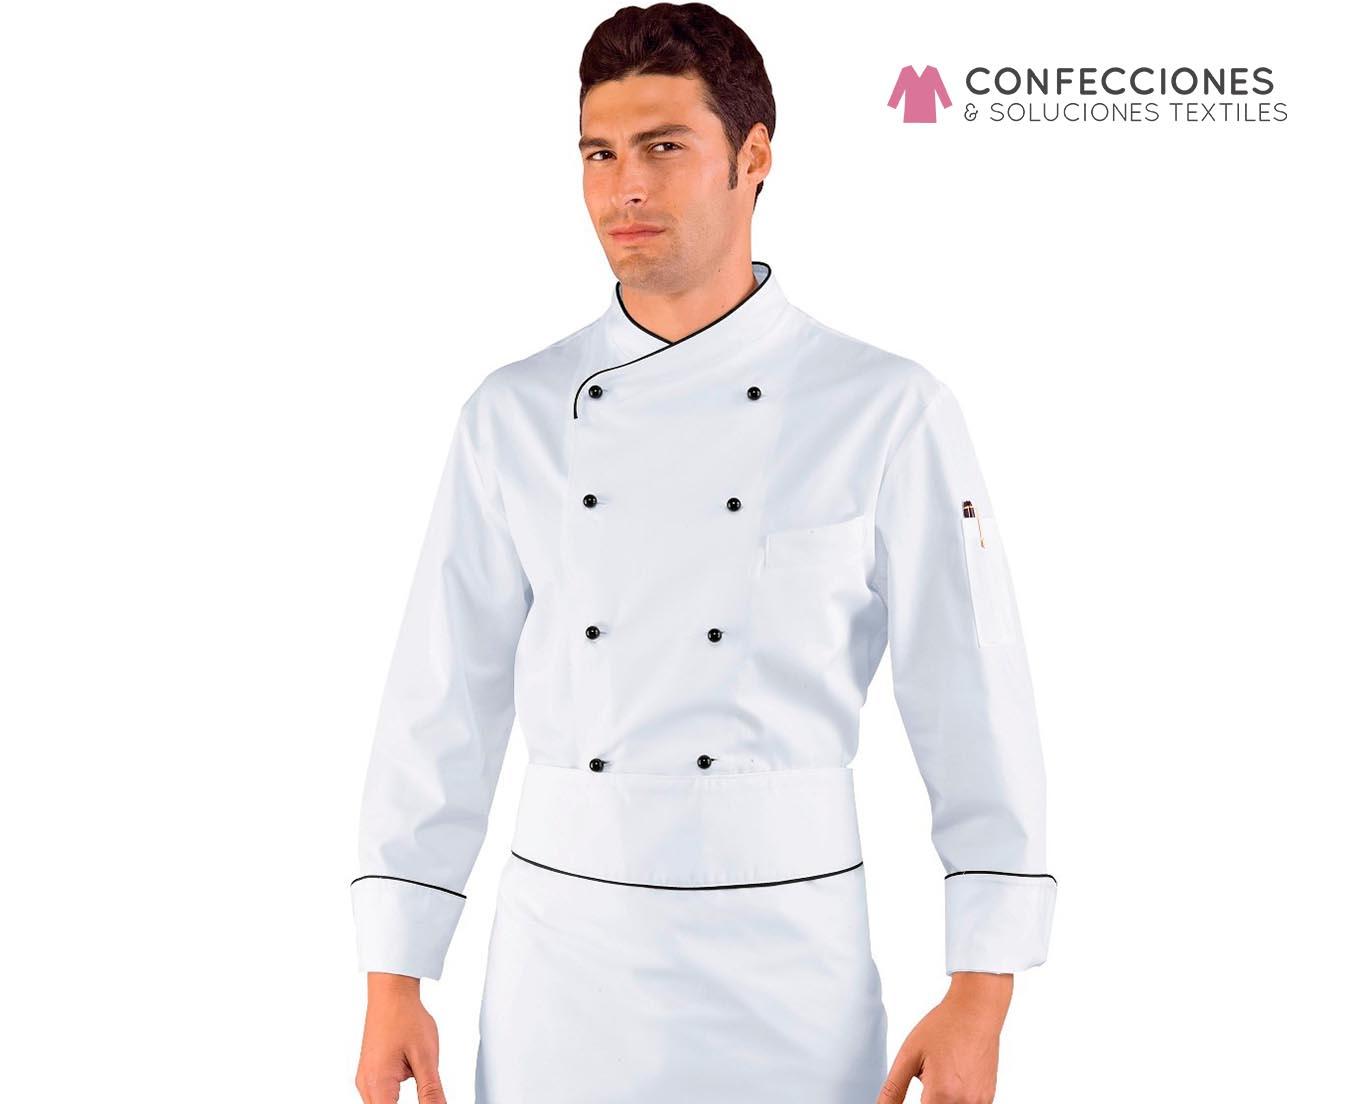 Chaquetas de chef confecciones cstradha santo domingo rd - Uniformes de cocina ...